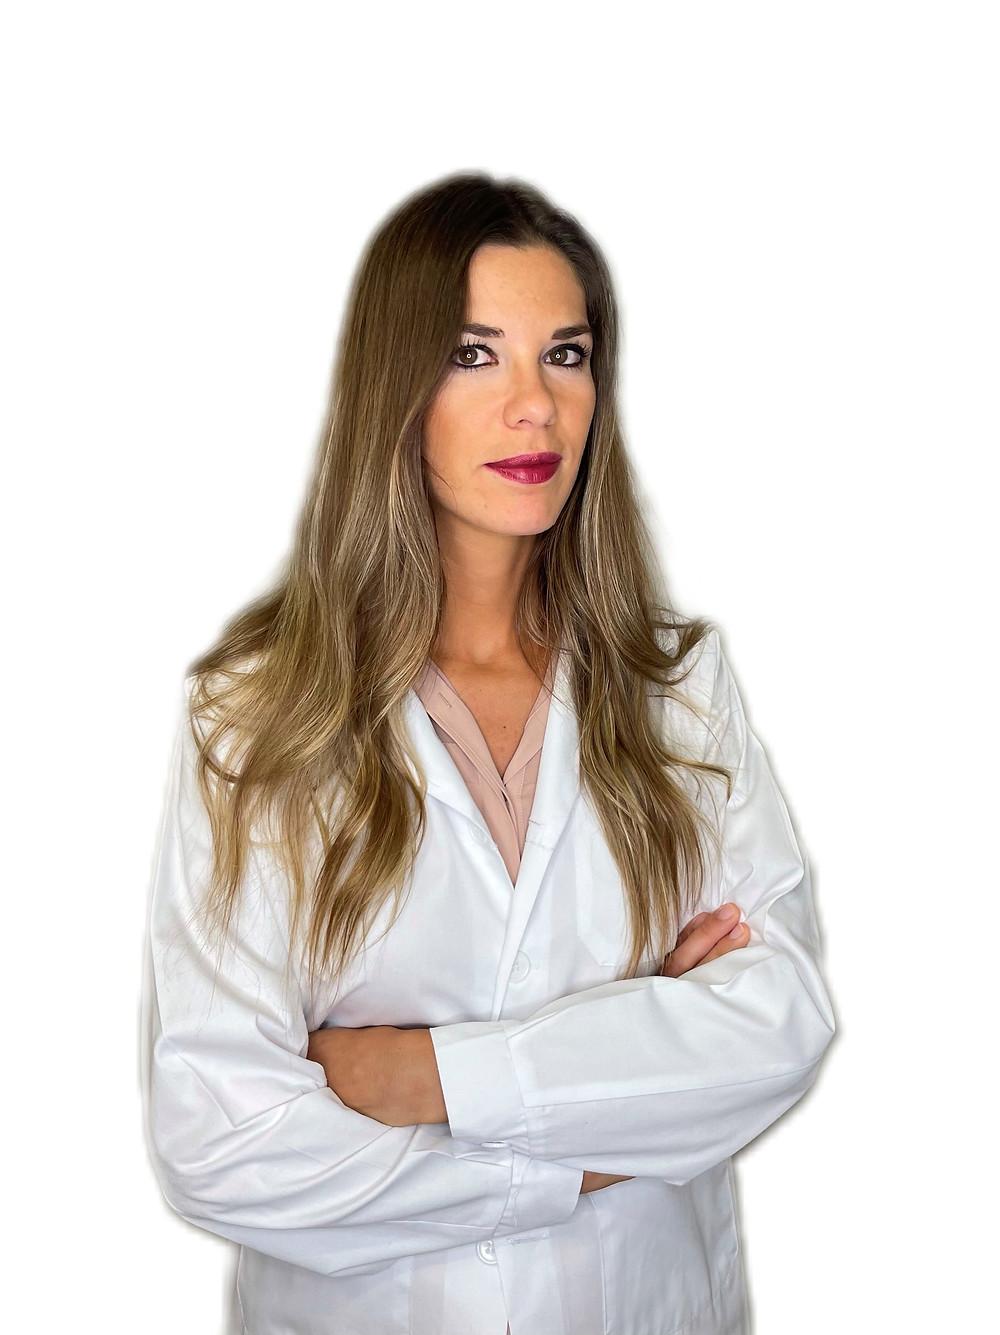 Elsa Lainez es la nutricionista de clinica Podium. ALimentación equilibrada, dietoterapia, hábitos saludables, dietas de perdida de peso...